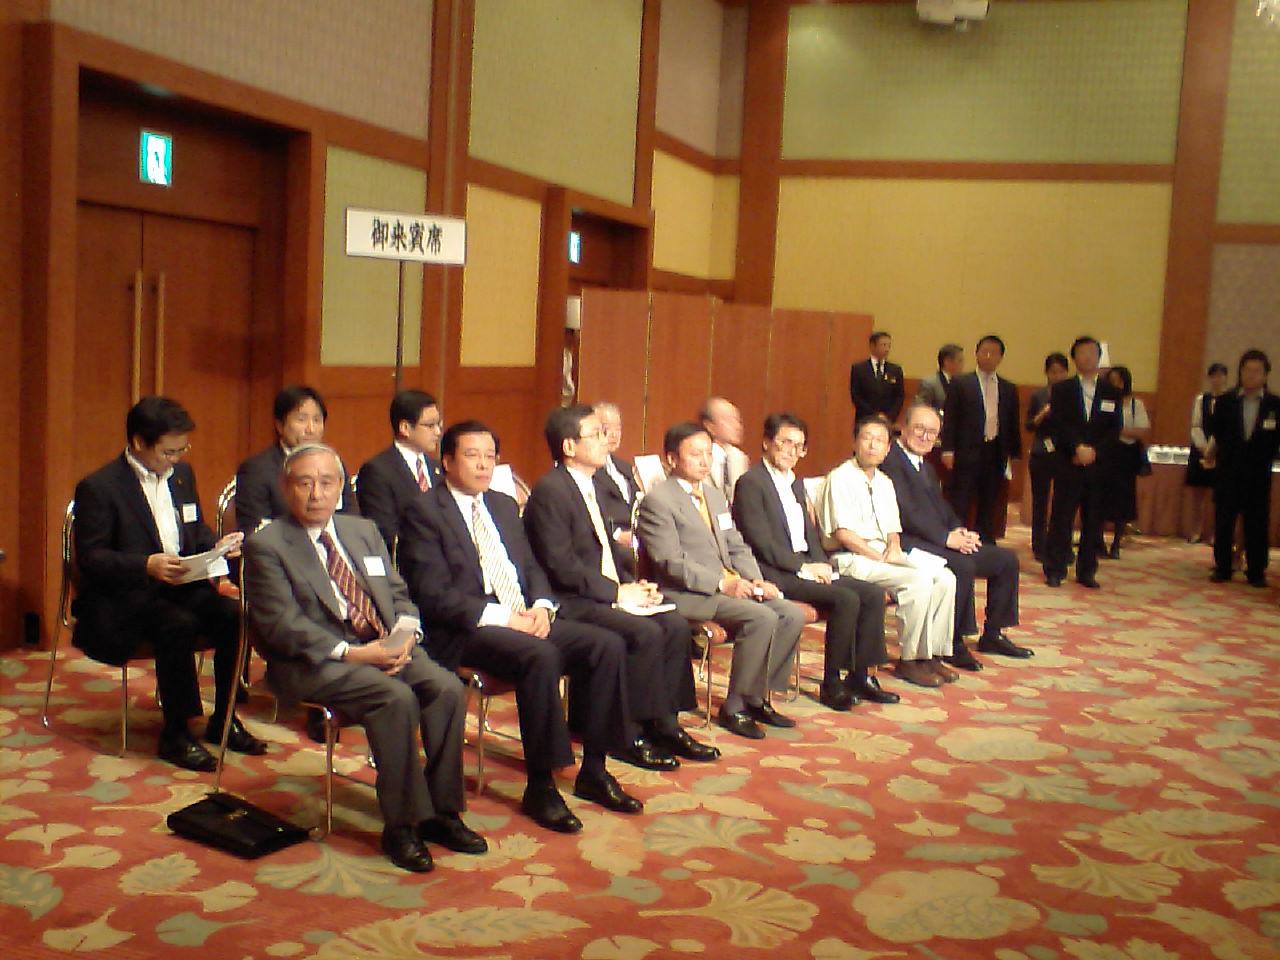 平成21年度 中国青年代表団第一陣500名歓迎レセプション 東京で開催 来賓の皆さん_d0027795_1846172.jpg